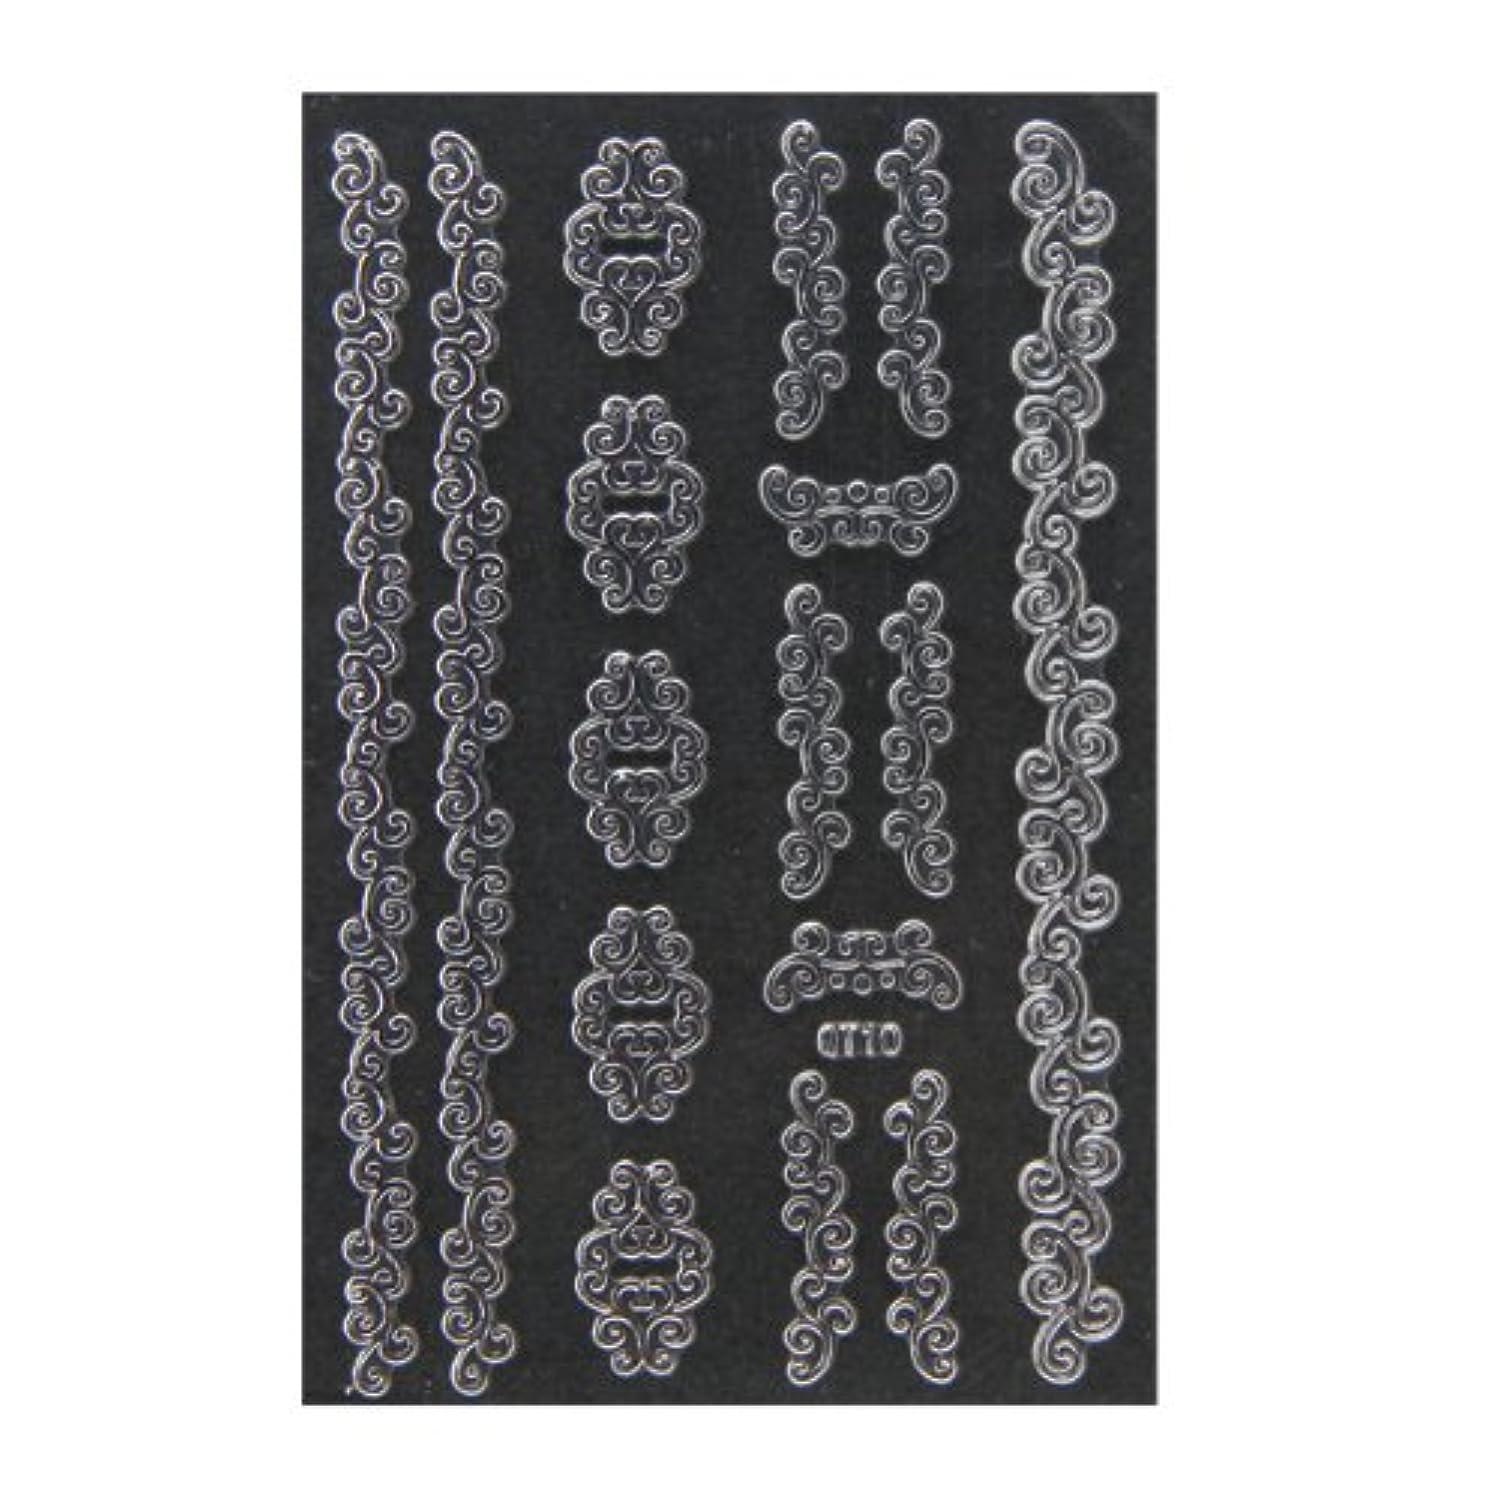 奇跡揮発性きょうだいネイルシール 3D ネイルシート ファッションネイル メタリックシール36 (ネイル用品)